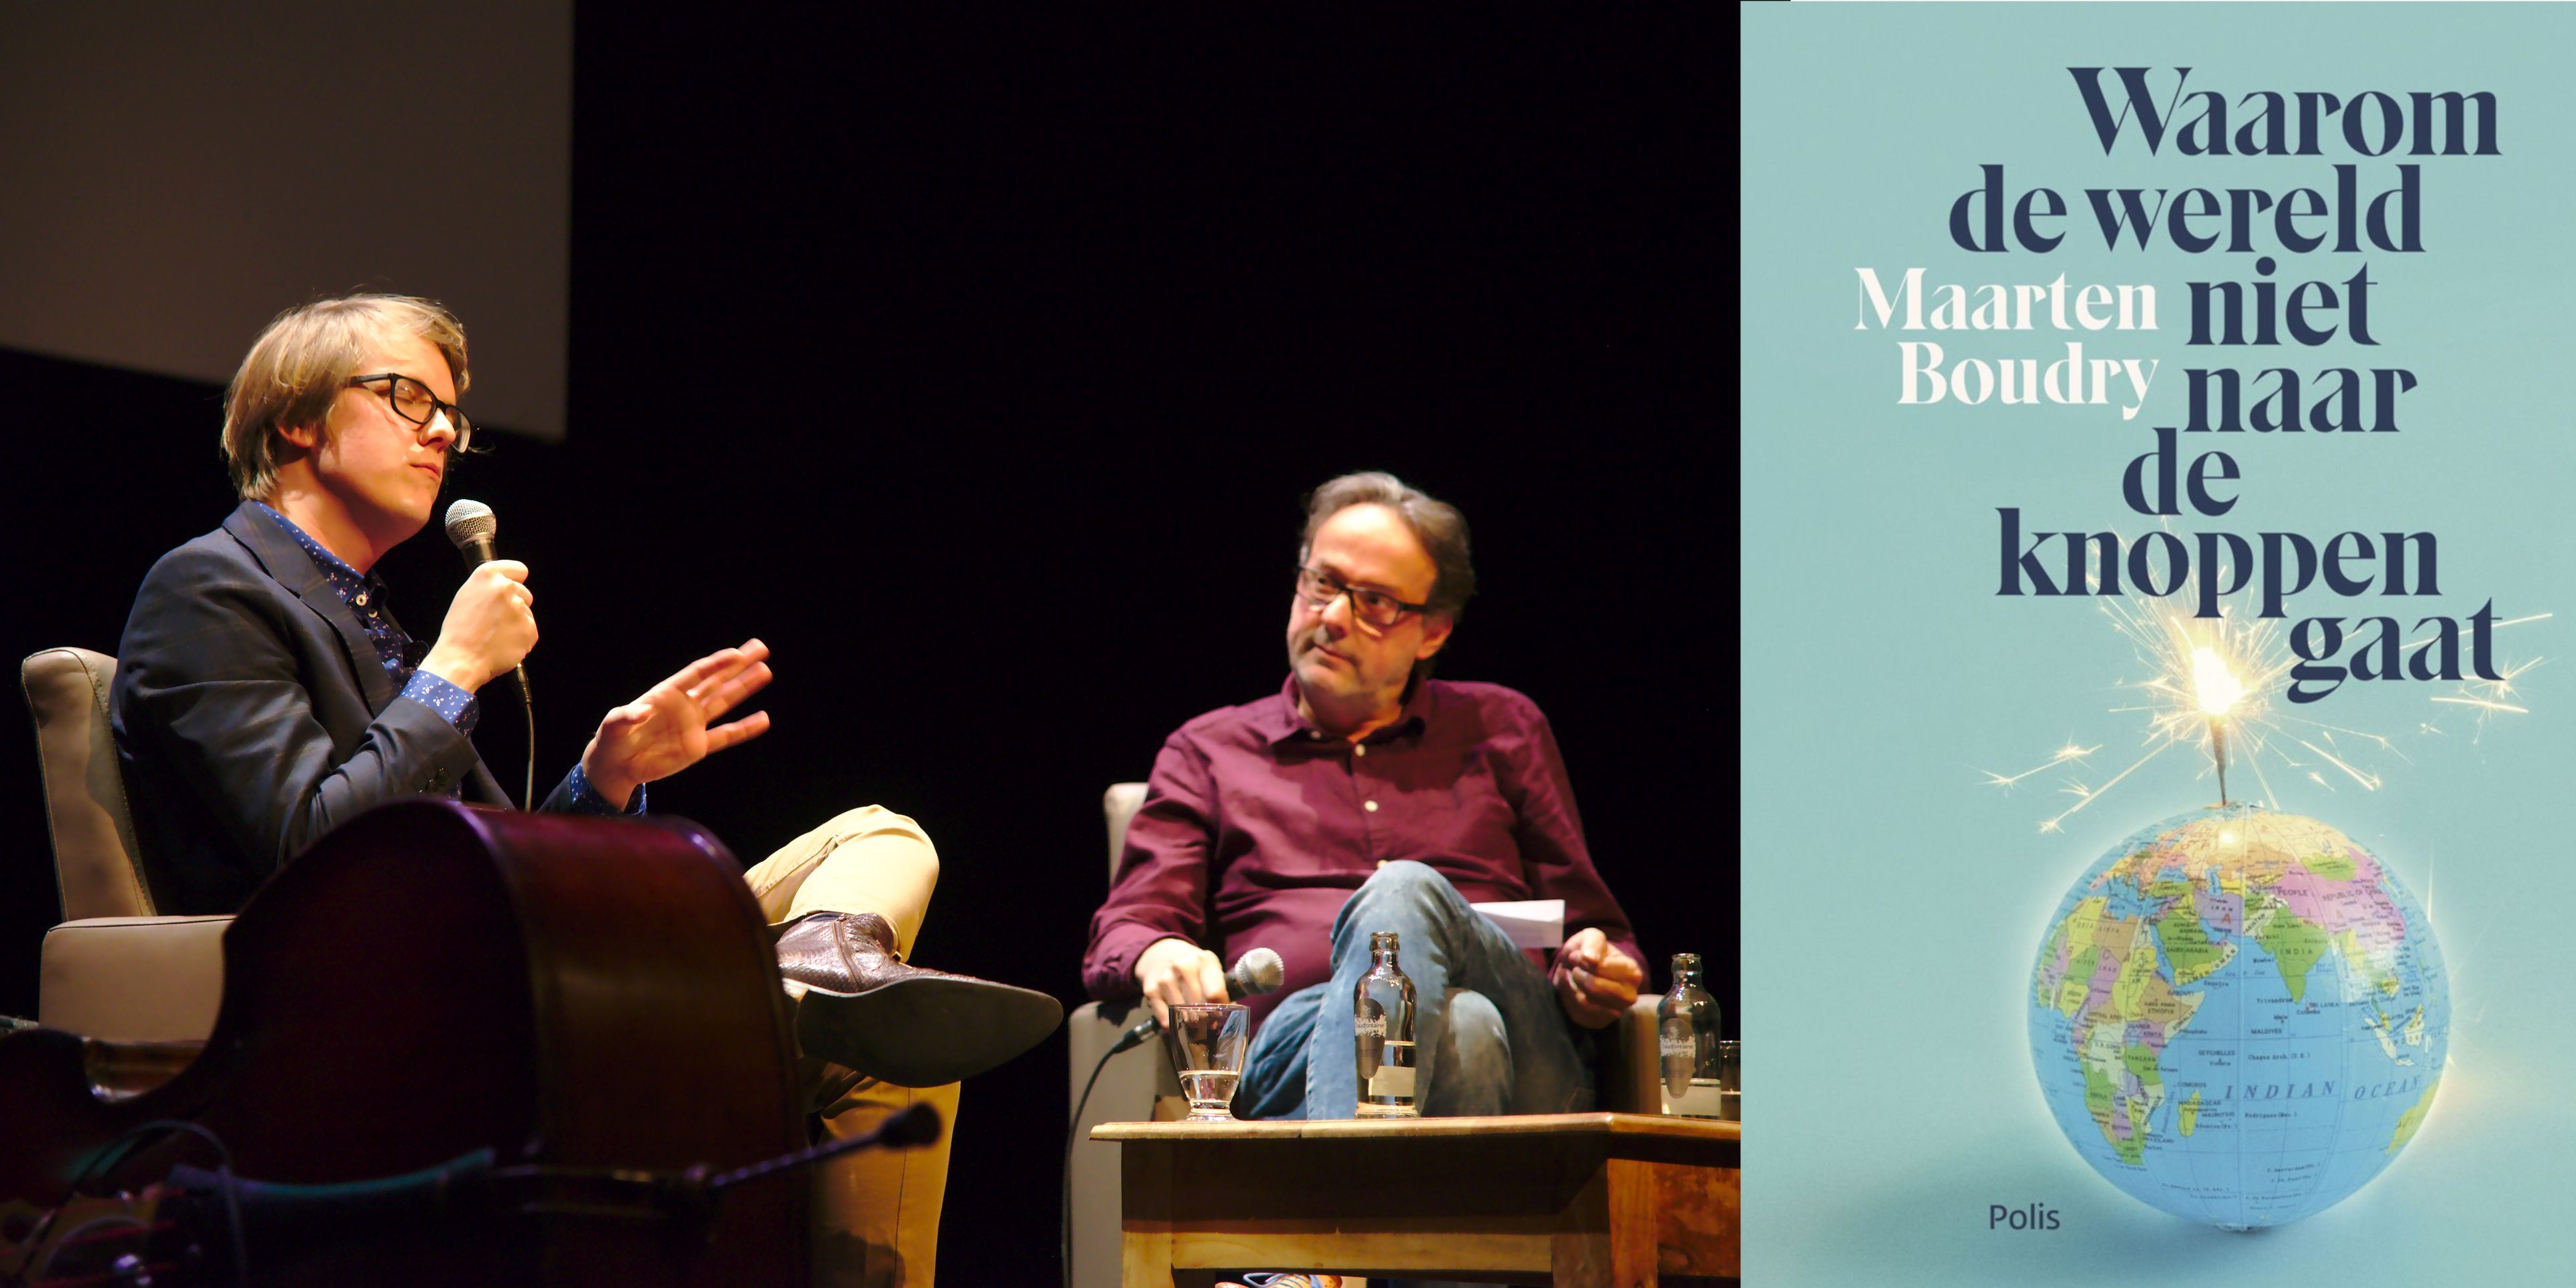 """Maarten Boudry wordt geïnterviewd door Marnix Verplancke in de Minrard bij zijn boekvoorstelling """"Waarom de wereld niet naar de knoppen gaat"""" (Foto: Jozef Van Giel)"""